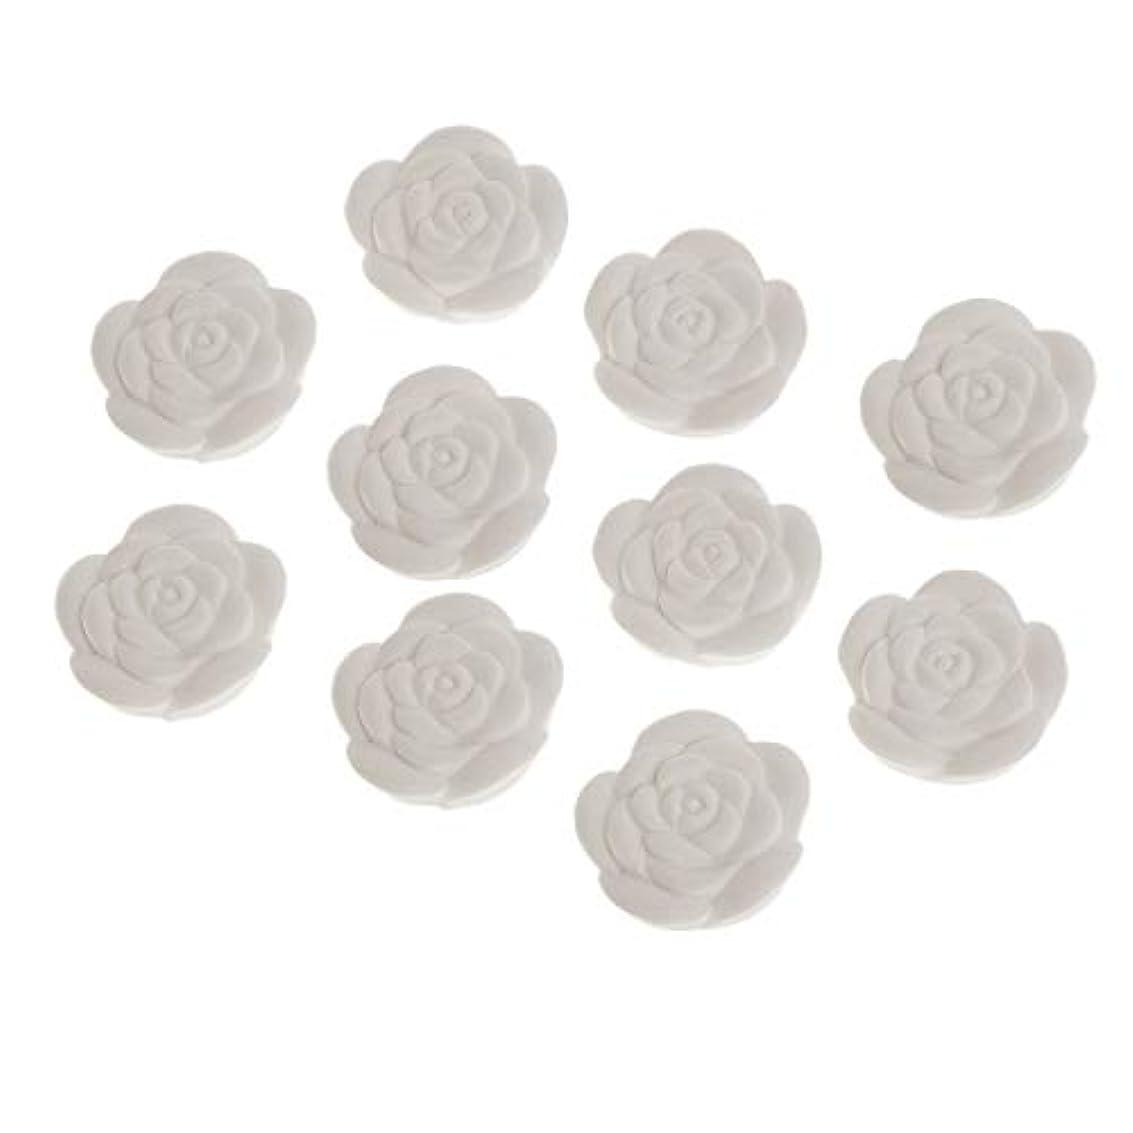 かすかな嵐が丘卵アロマストーン 石膏 花形 香り変更可能 トイレ用 車用 家用 寝室用 10個入り